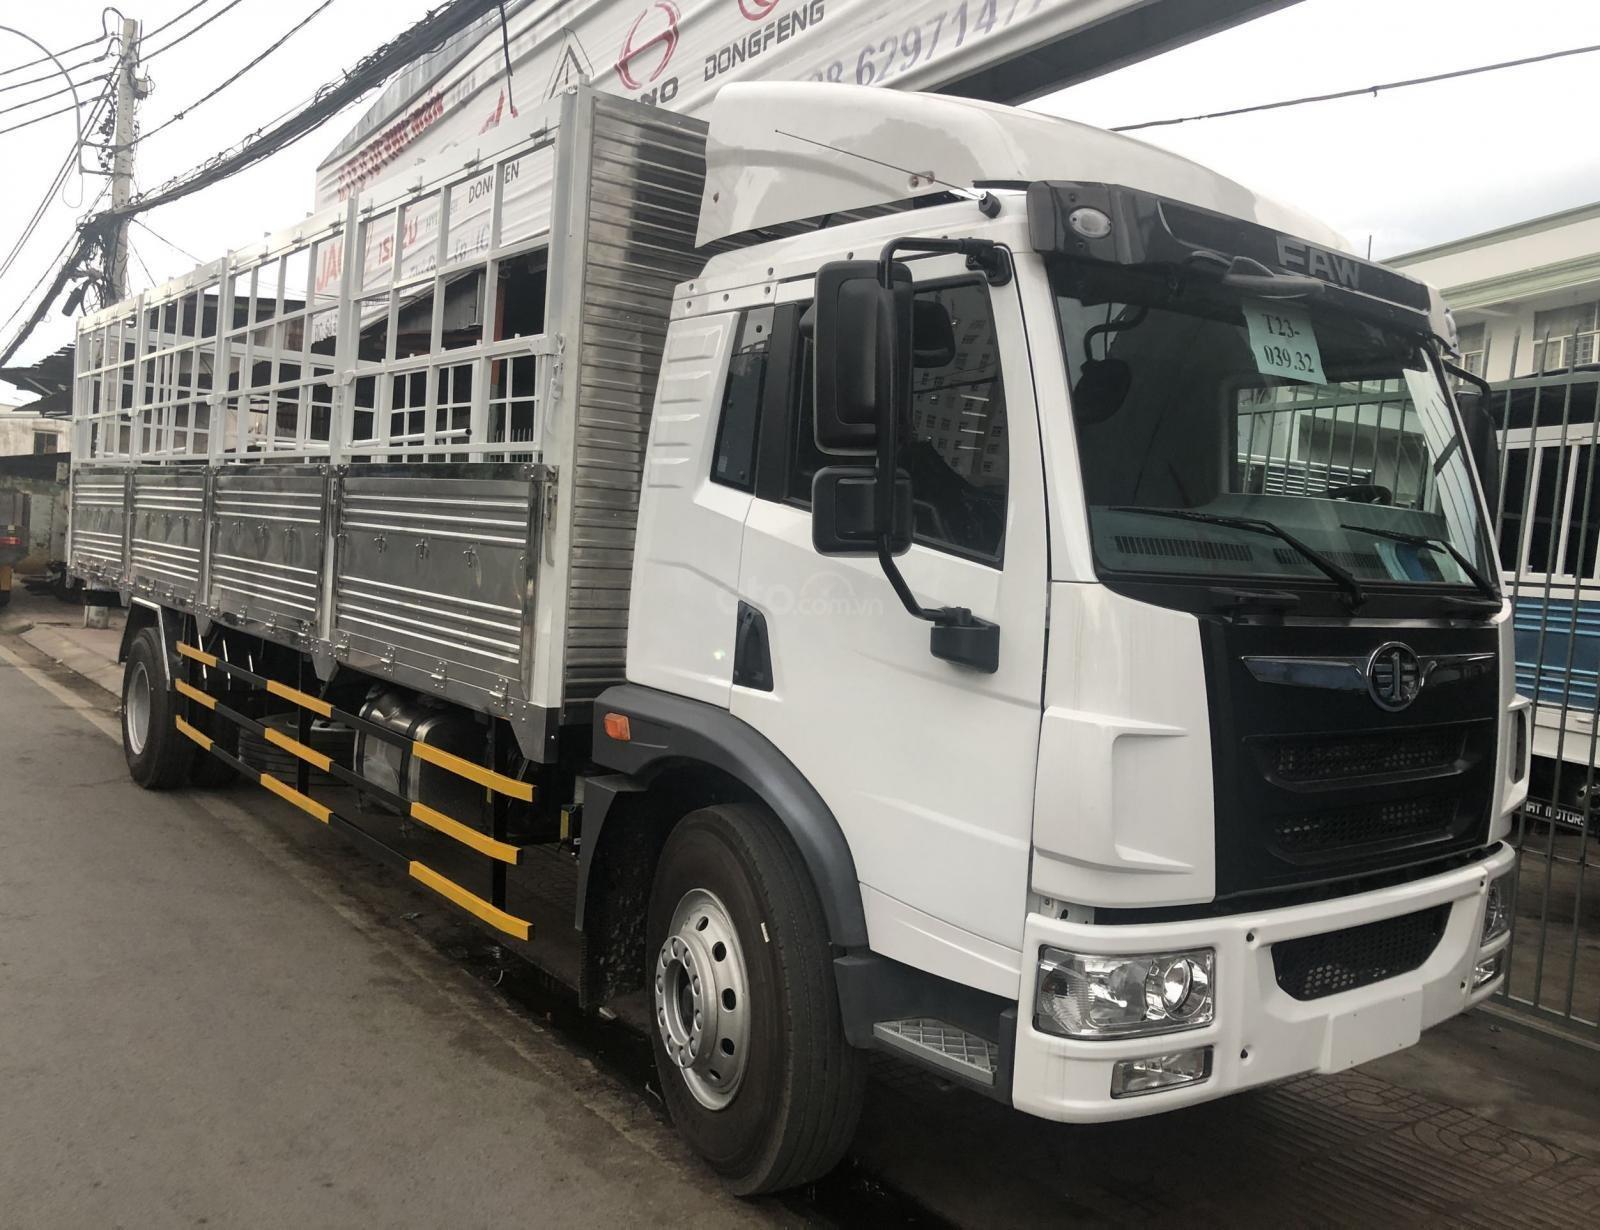 Xe tải FAW 8 tấn, thùng dài 8 mét, động cơ Wechai - trả trước 200tr - Km 100% lệ phí TB, tặng phiếu dấu 1tr (3)